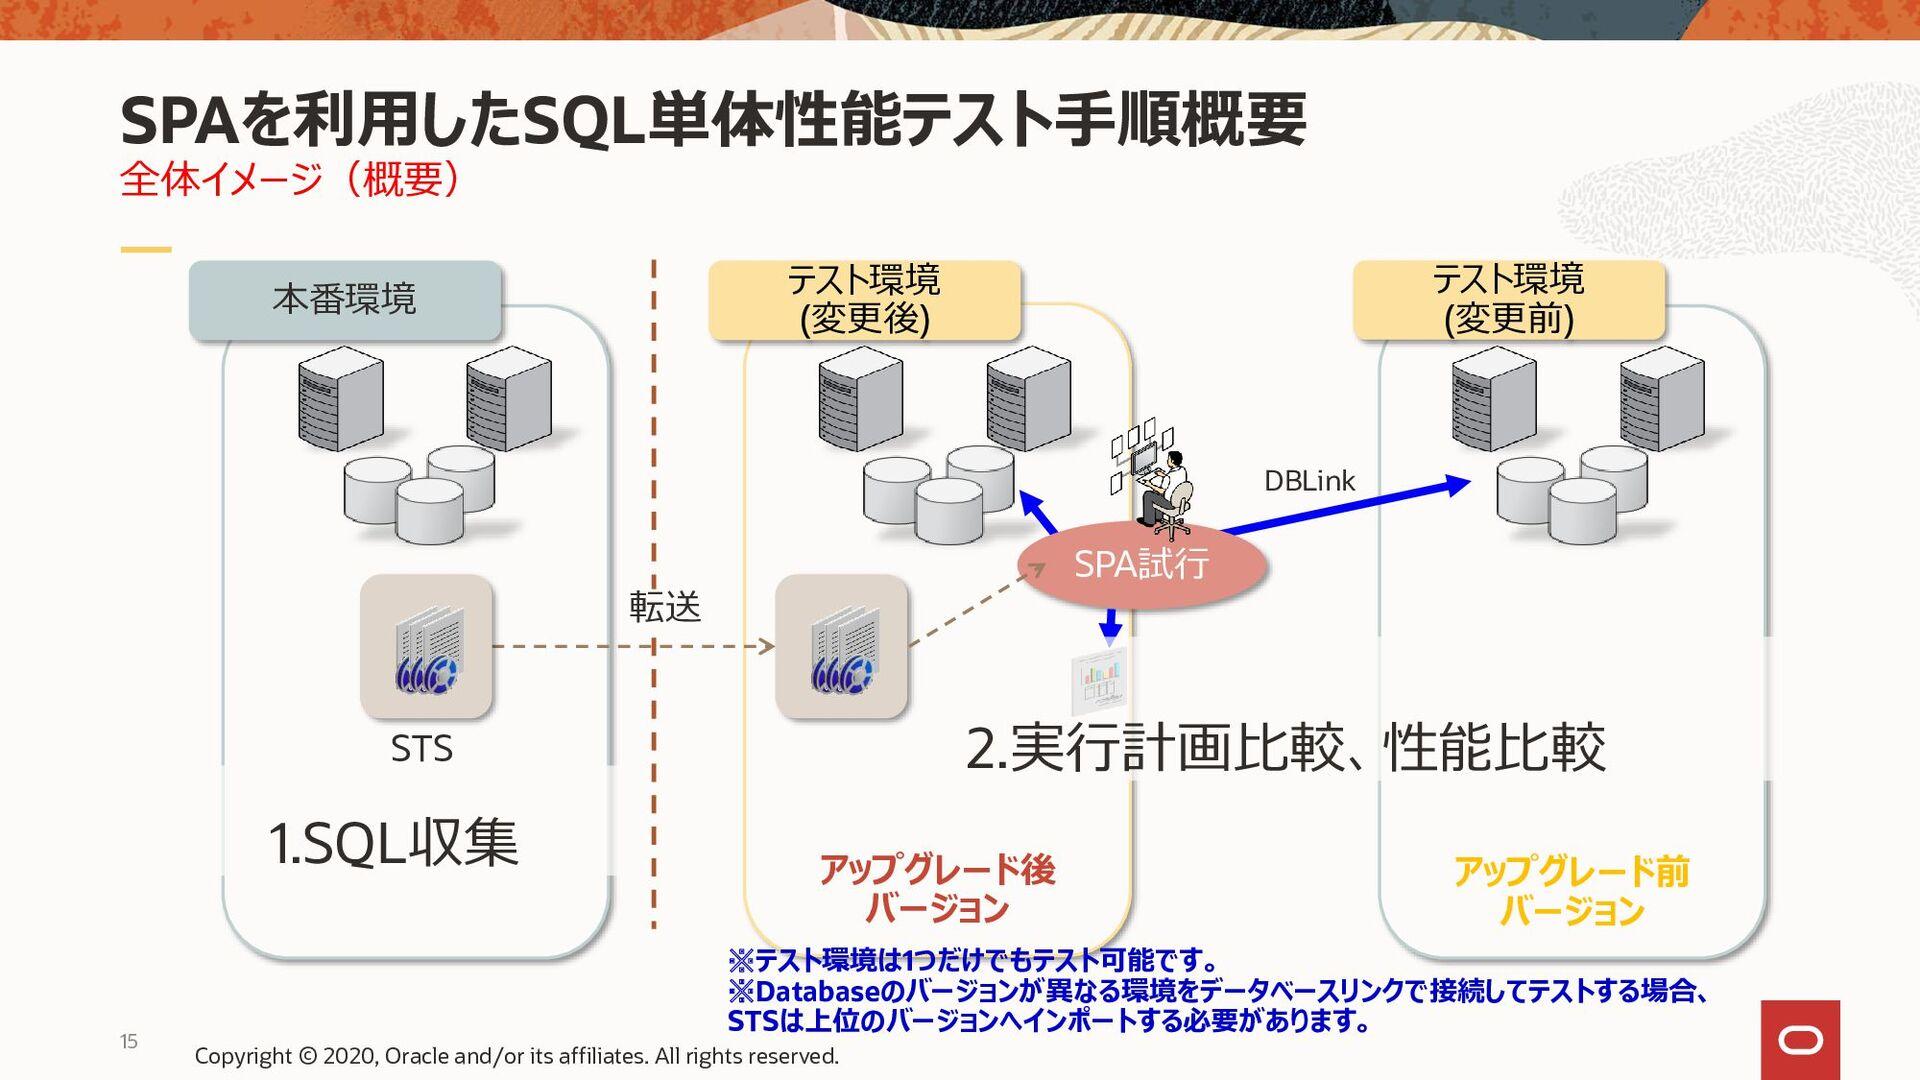 15 全体イメージ(概要) SPAを利用したSQL単体性能テスト手順概要 アップグレード前 バ...